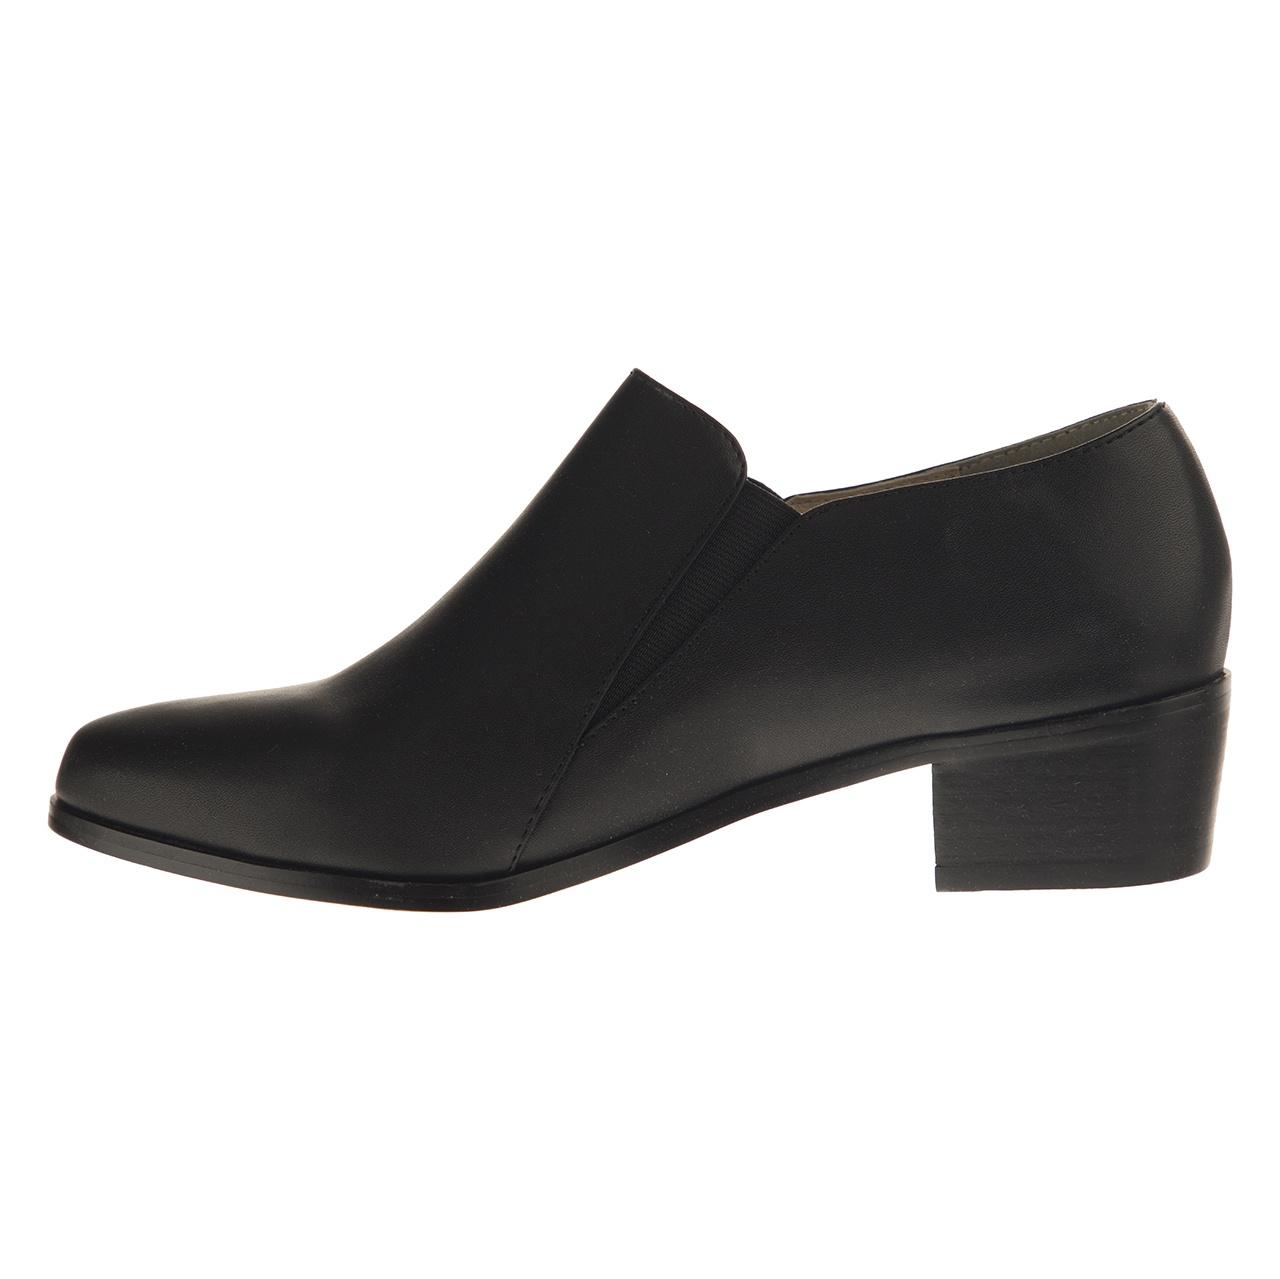 کفش زنانه ایزان کالاس مدل SideGOREBOOT 900